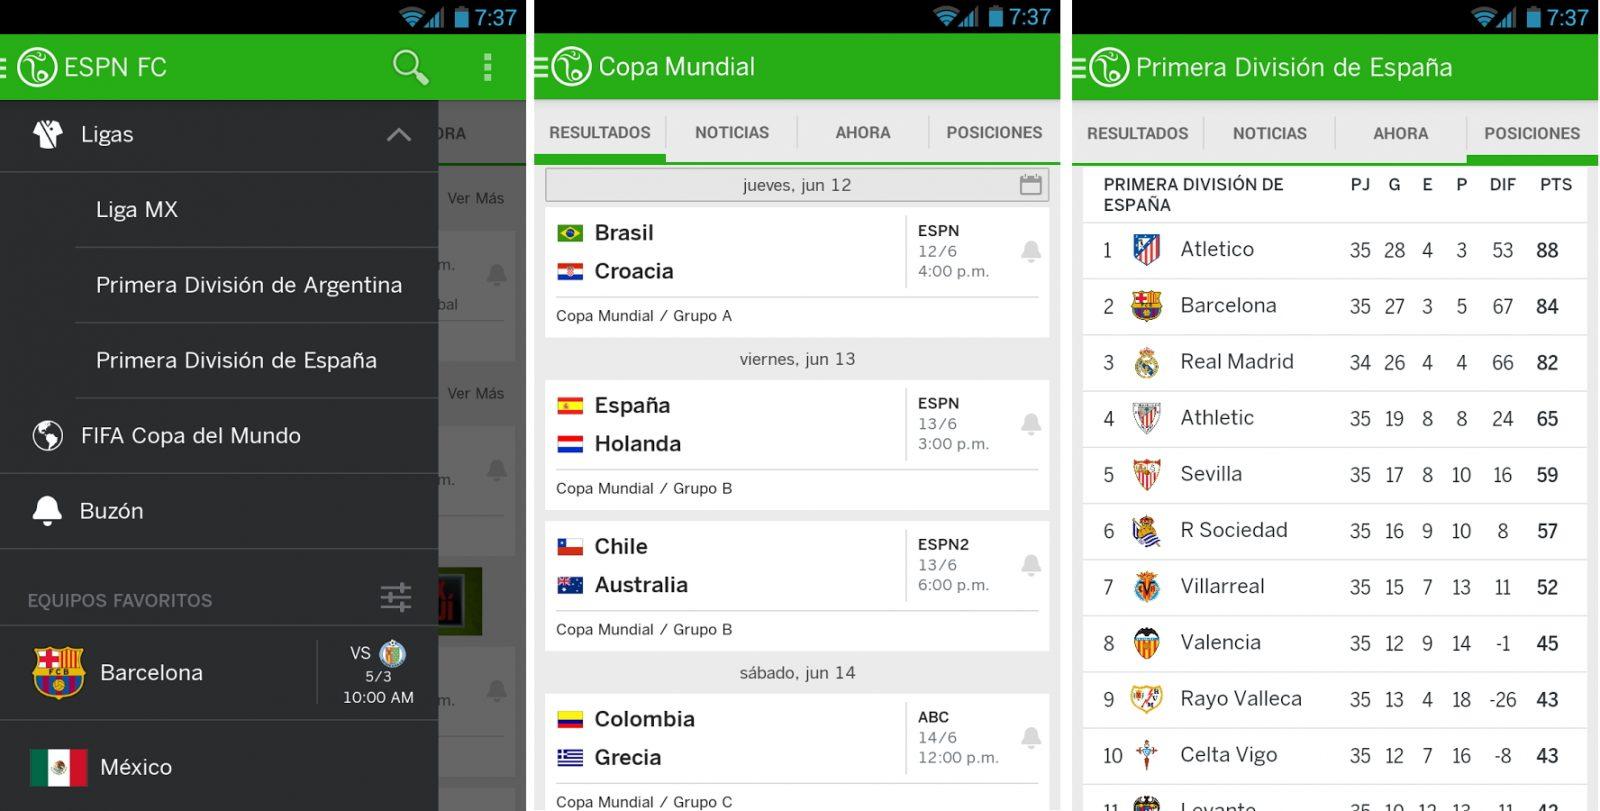 Aplicación de fútbol Android ESPN FC